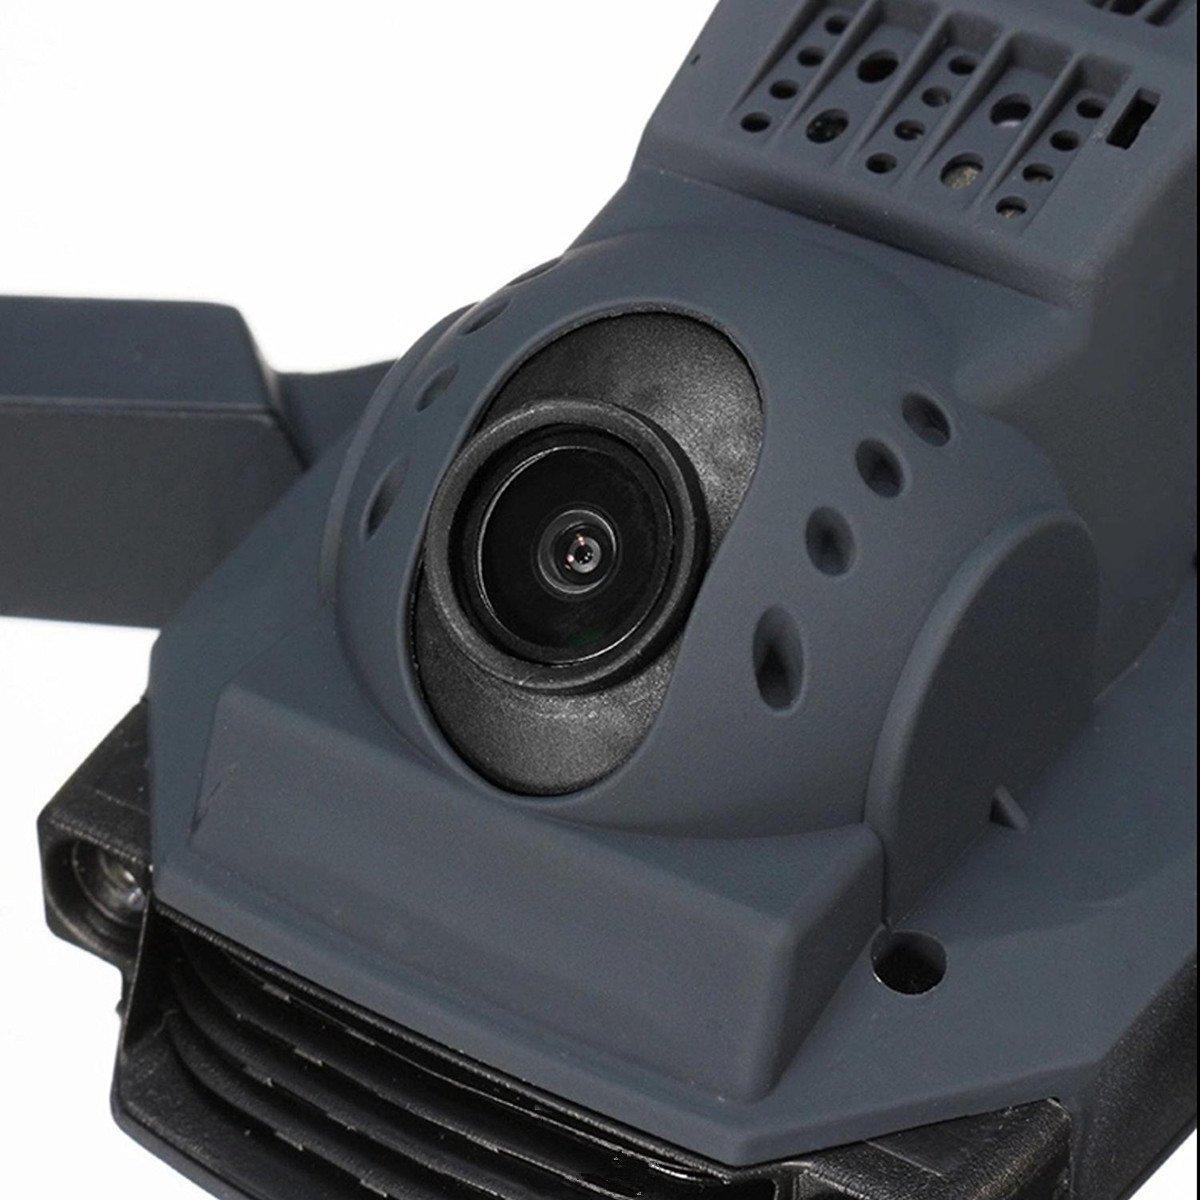 ドローン ジャンク カメラ付き GPS 空撮 中古 ラジコン (自撮り セルフィ) ヘリコプター ラジコン 本物 新品 美品 未使用_画像2